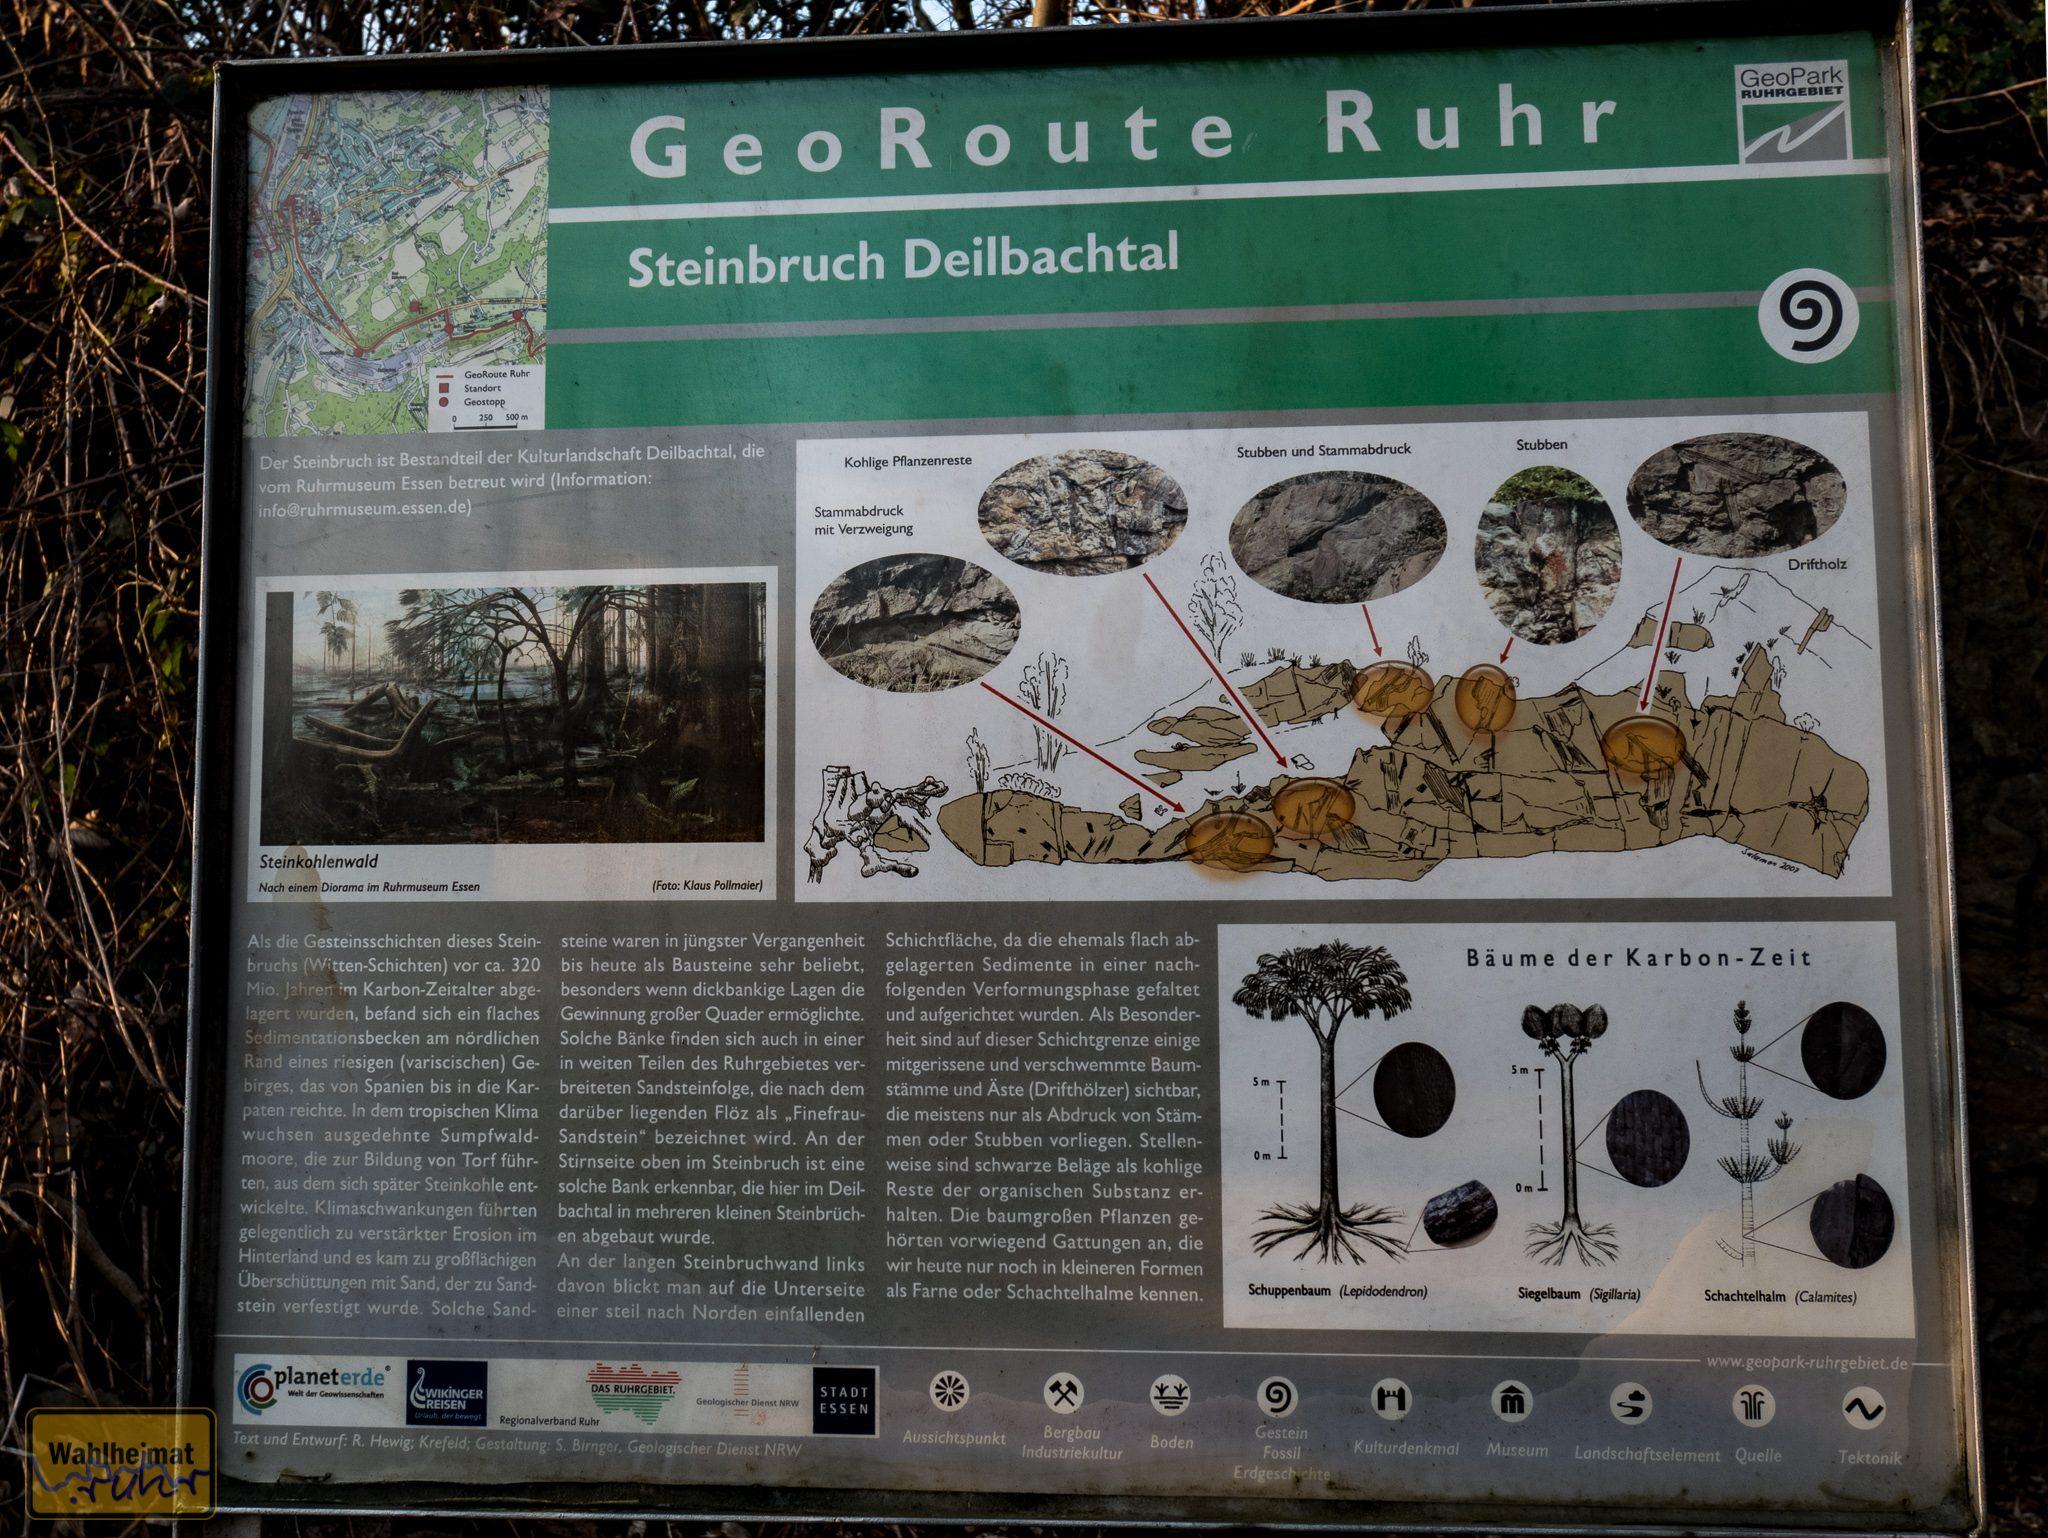 Hinweistafel am Steinbruch (Klick öffnet größere Ansicht).